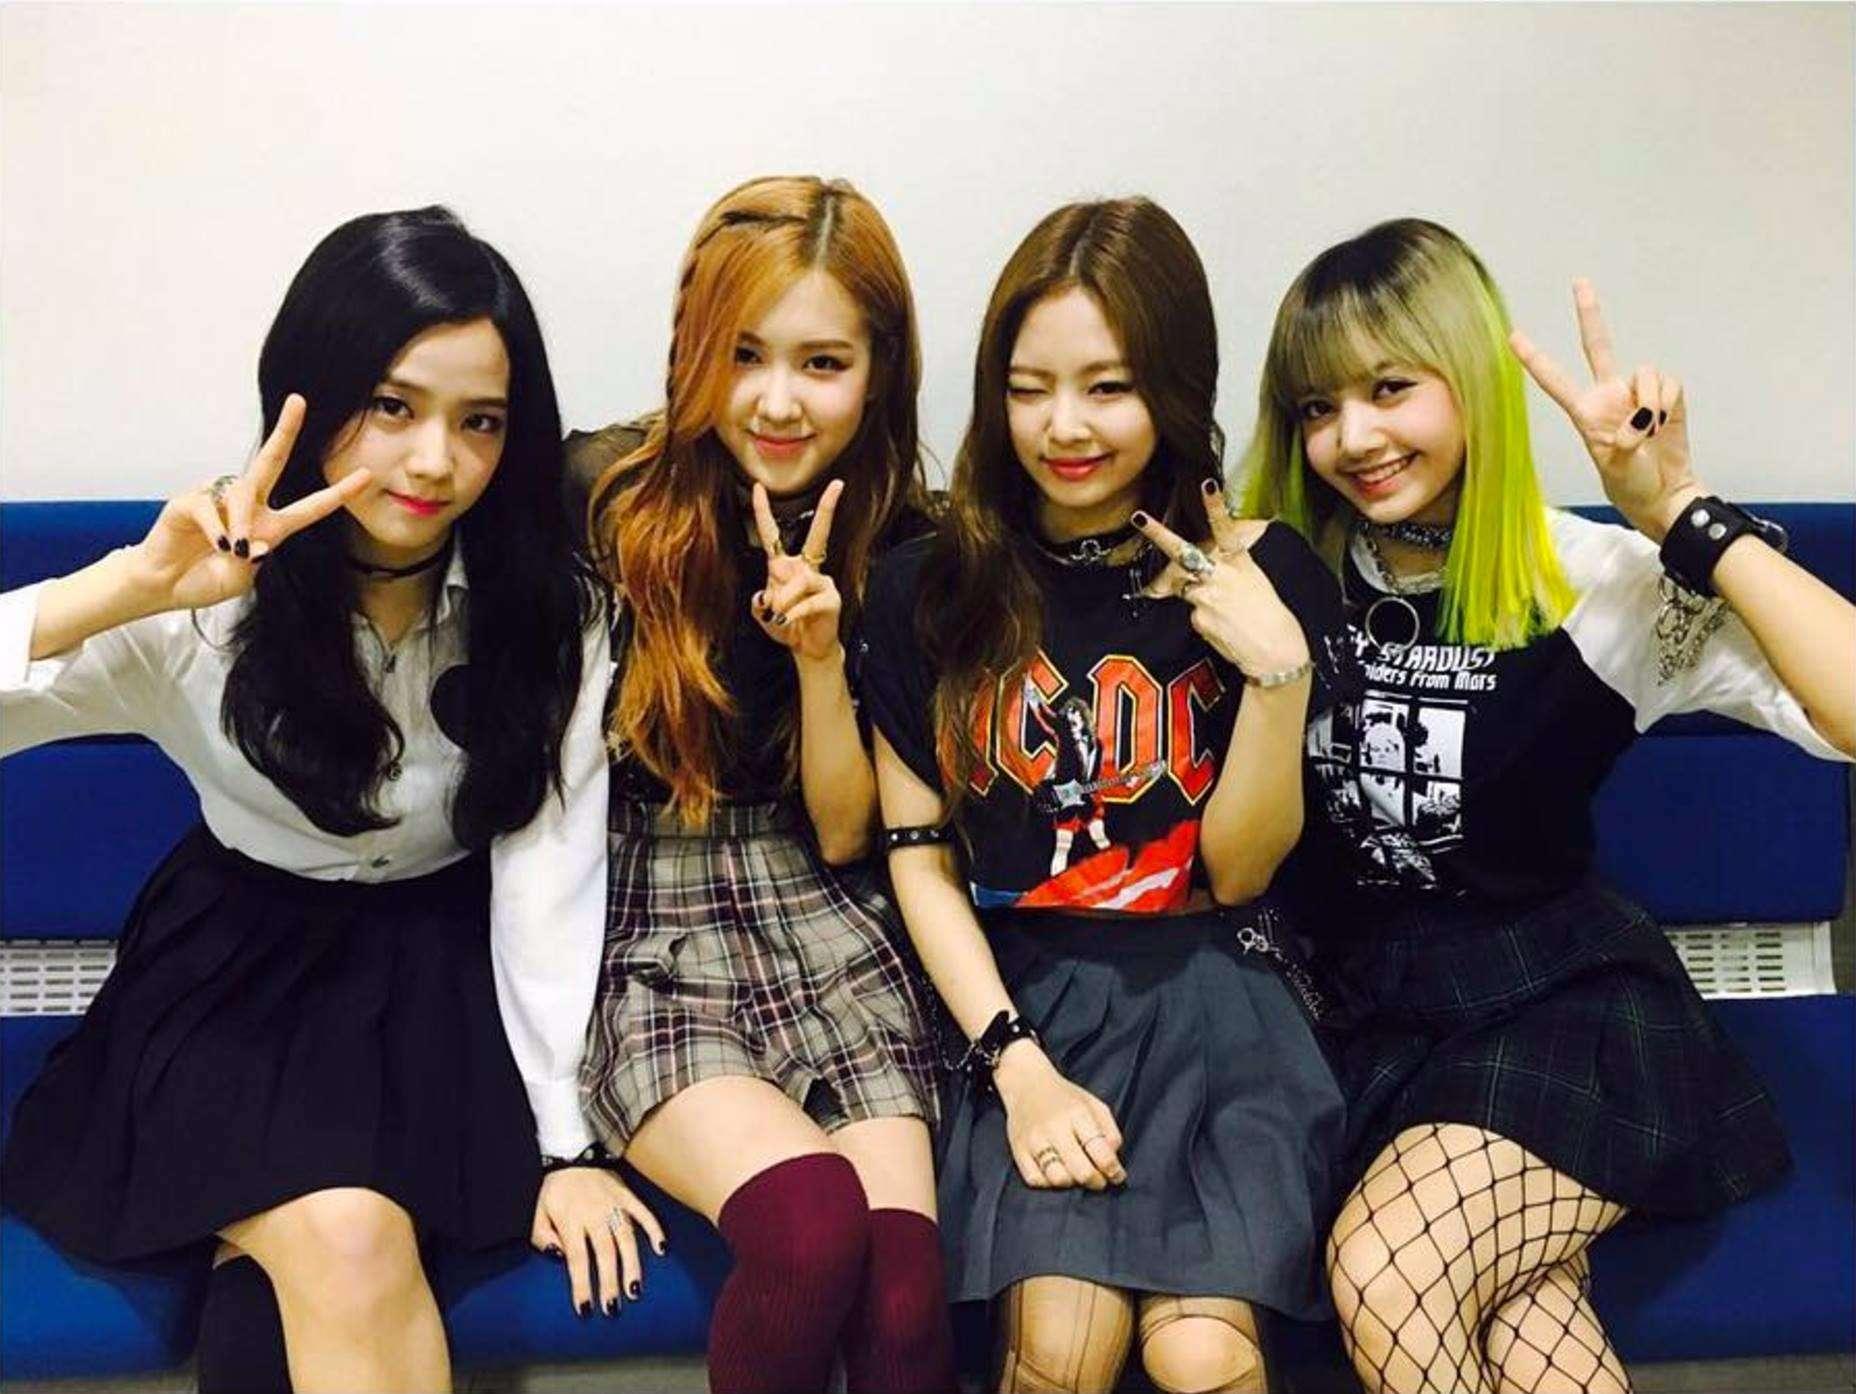 那個大勢女團就是BLACKPINK!! 真的是太神奇了~SM和YG的代表新人女團的互動啊~